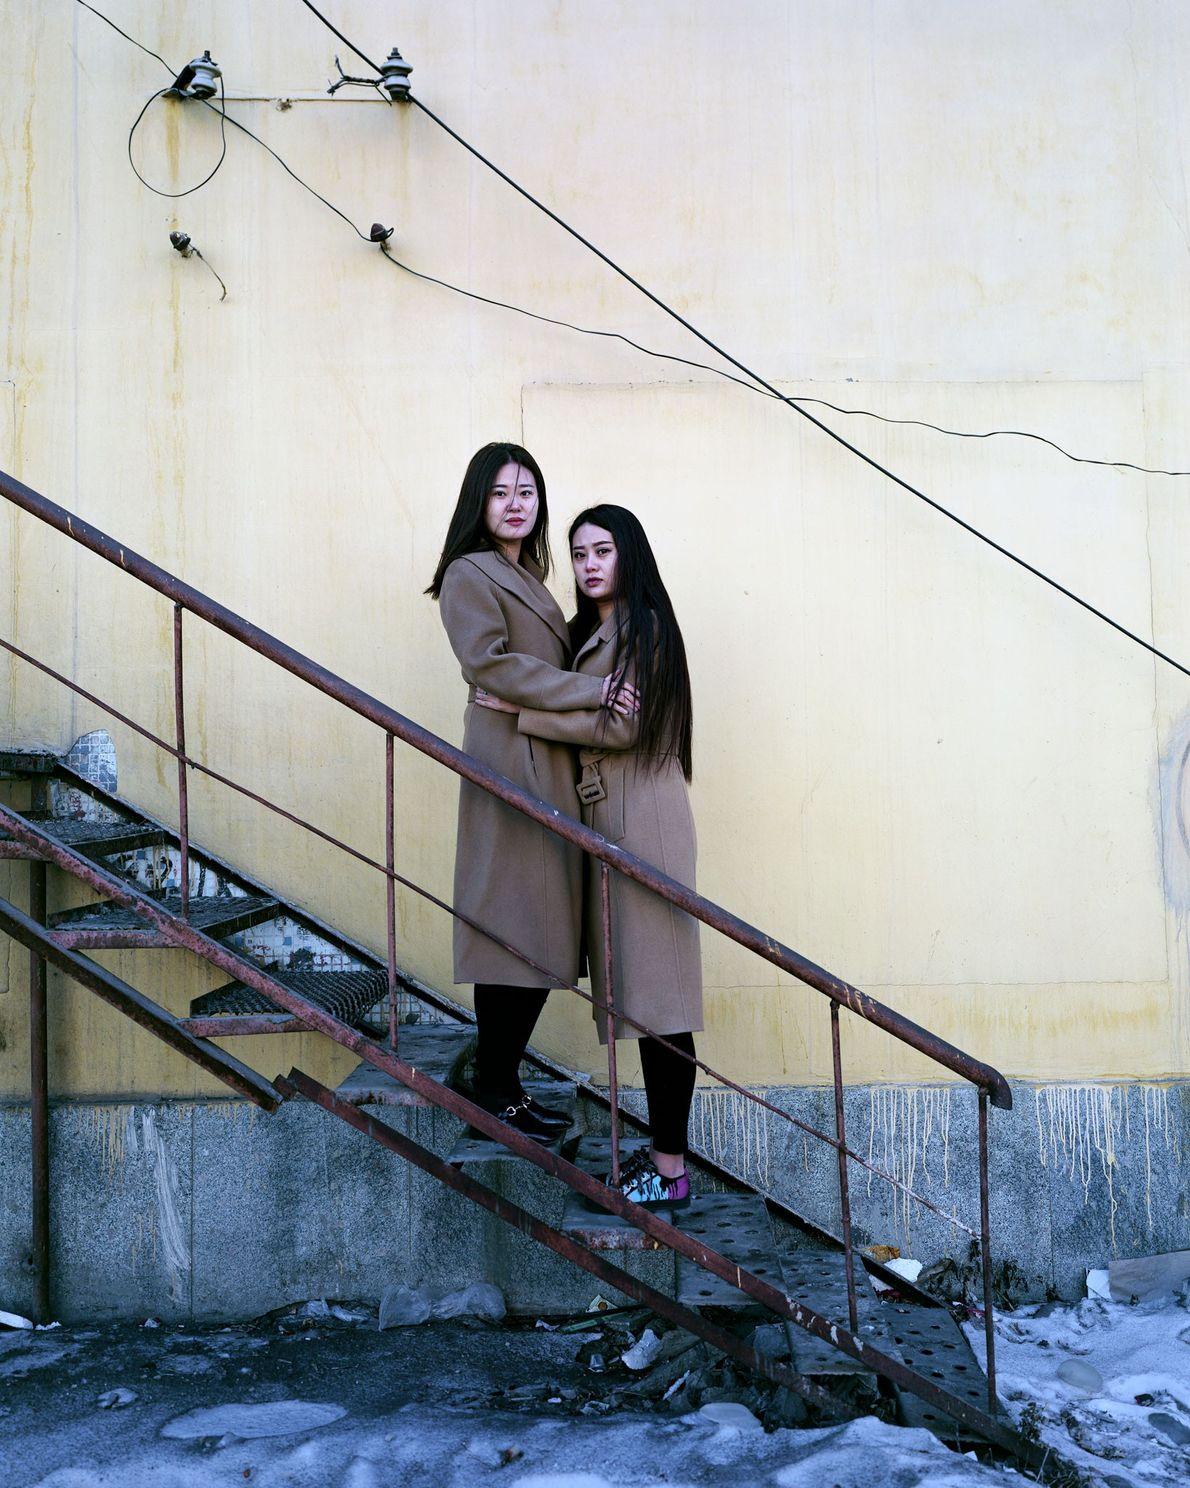 Las gemelas Haun, de 22 años, venden ropa en Fularji; a veces no venden casi nada ...